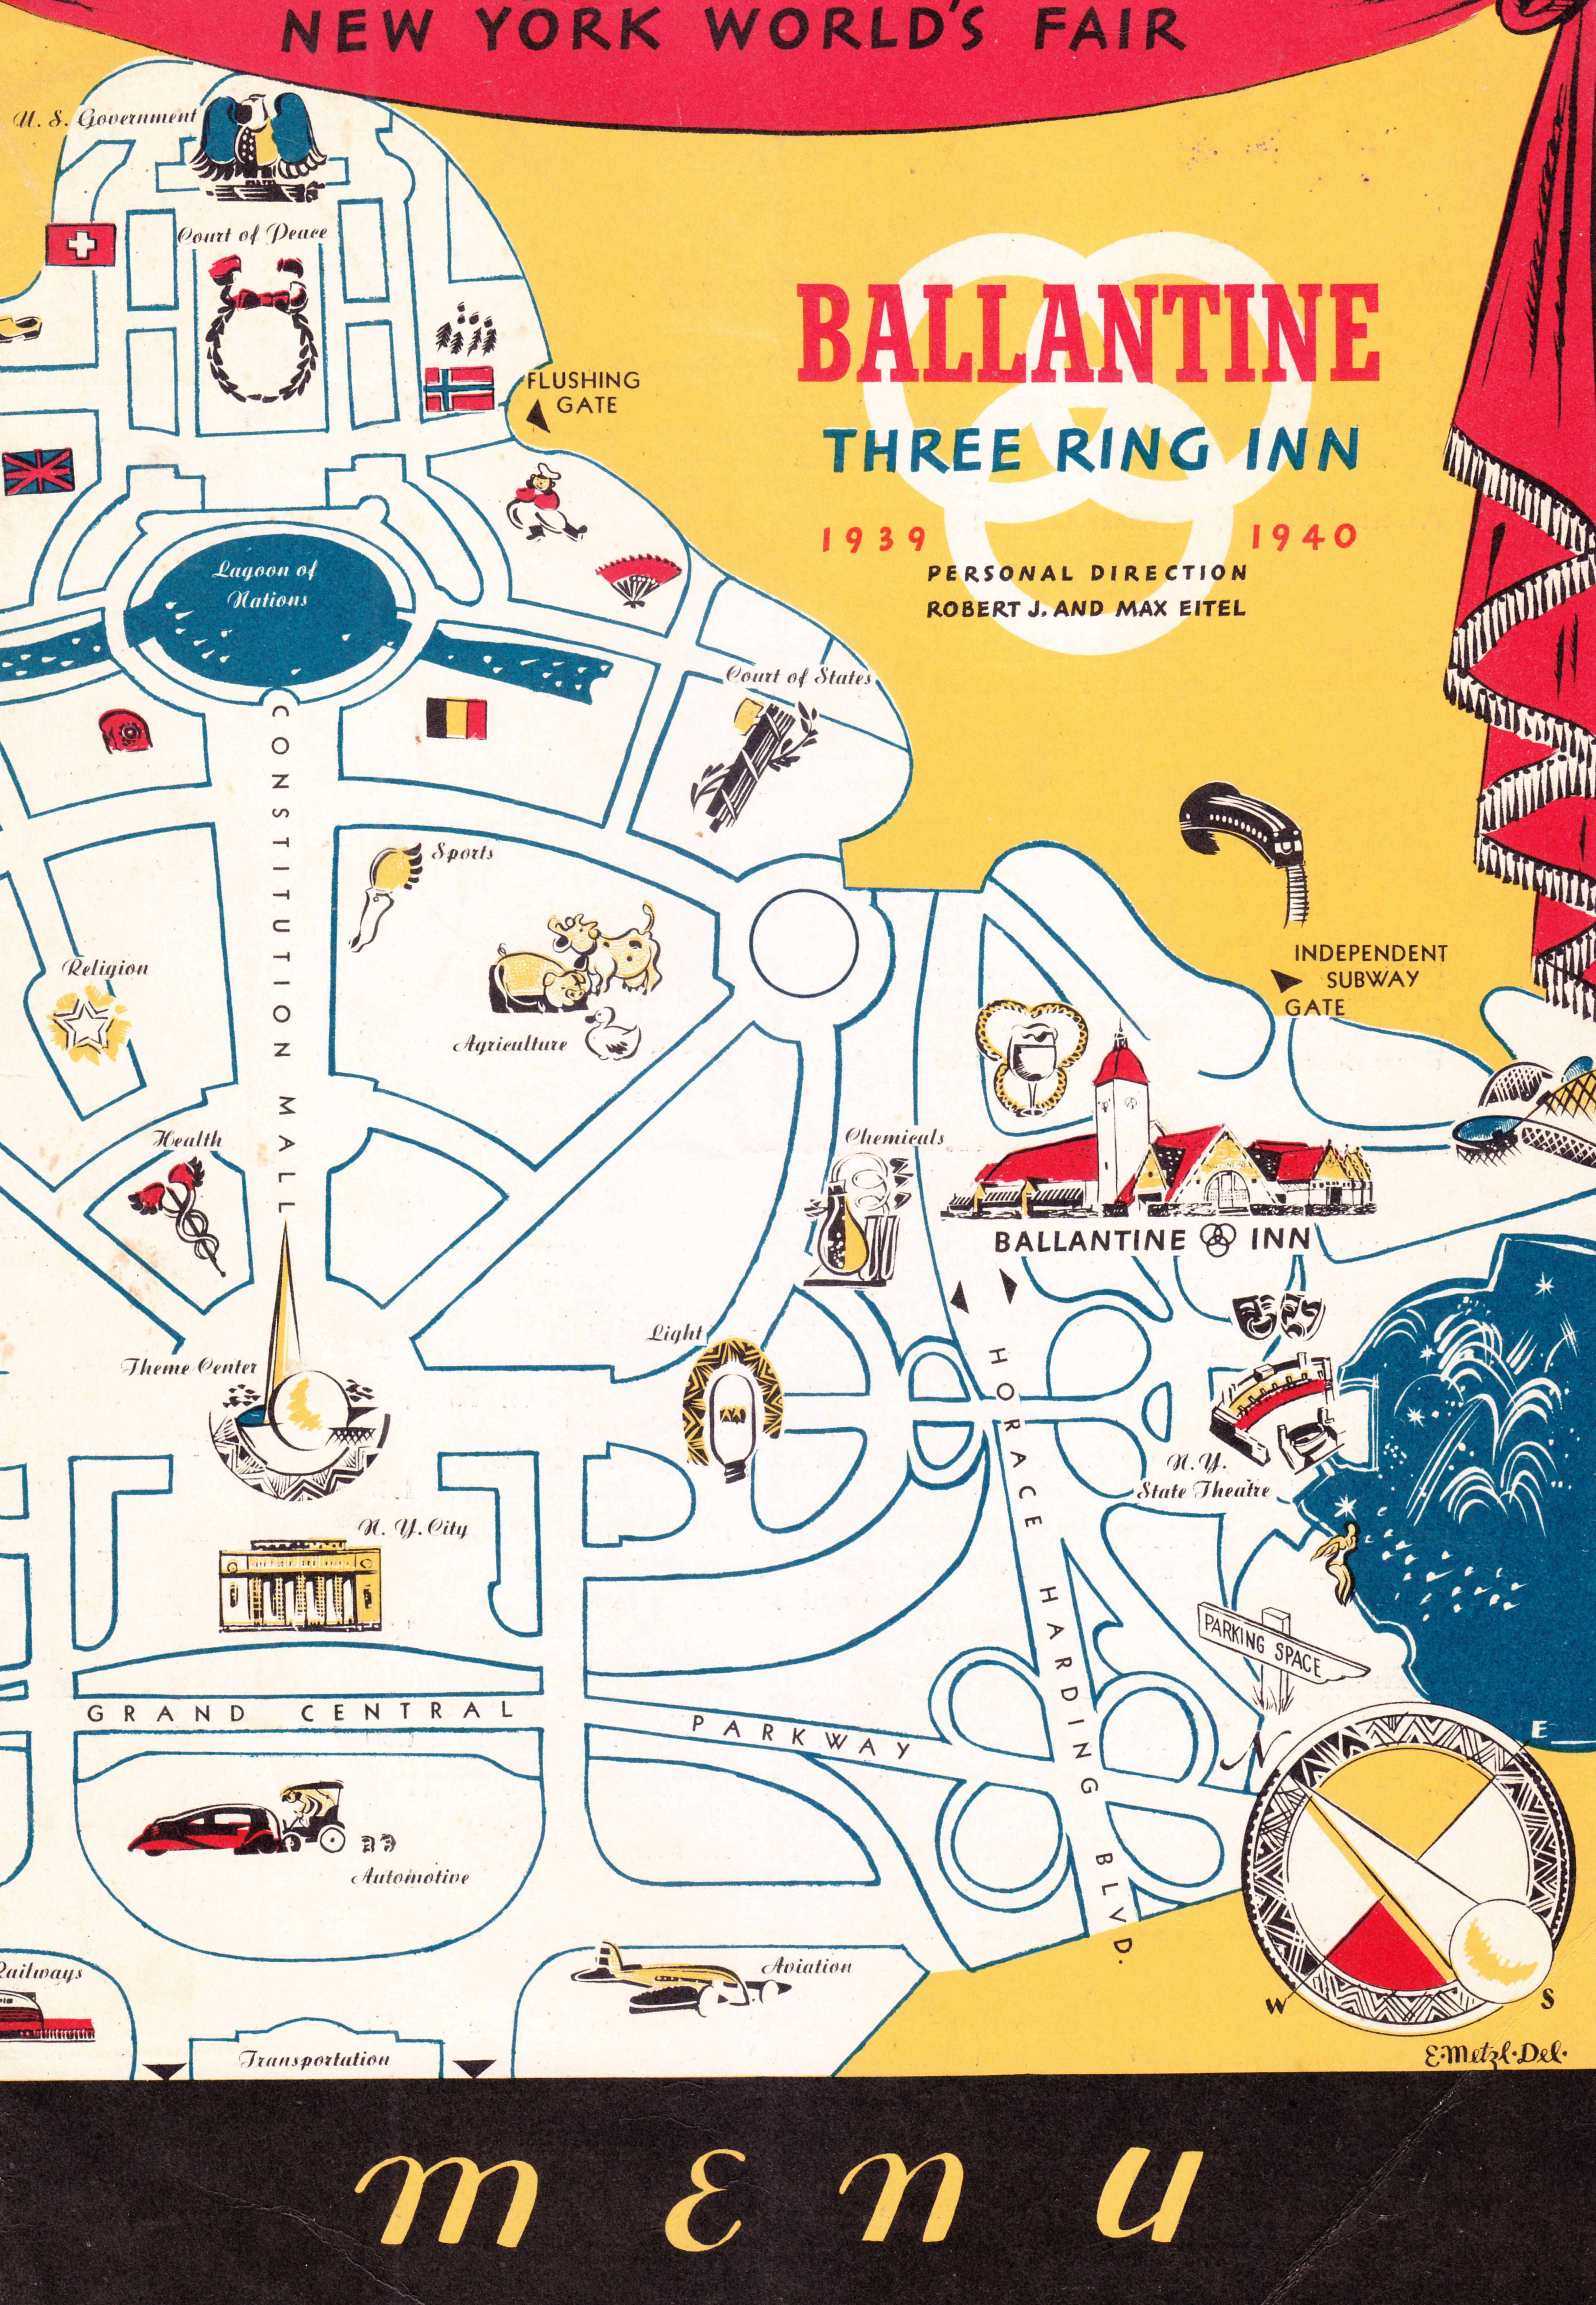 1939 New York World's Fair, Ballantine Inn Menu